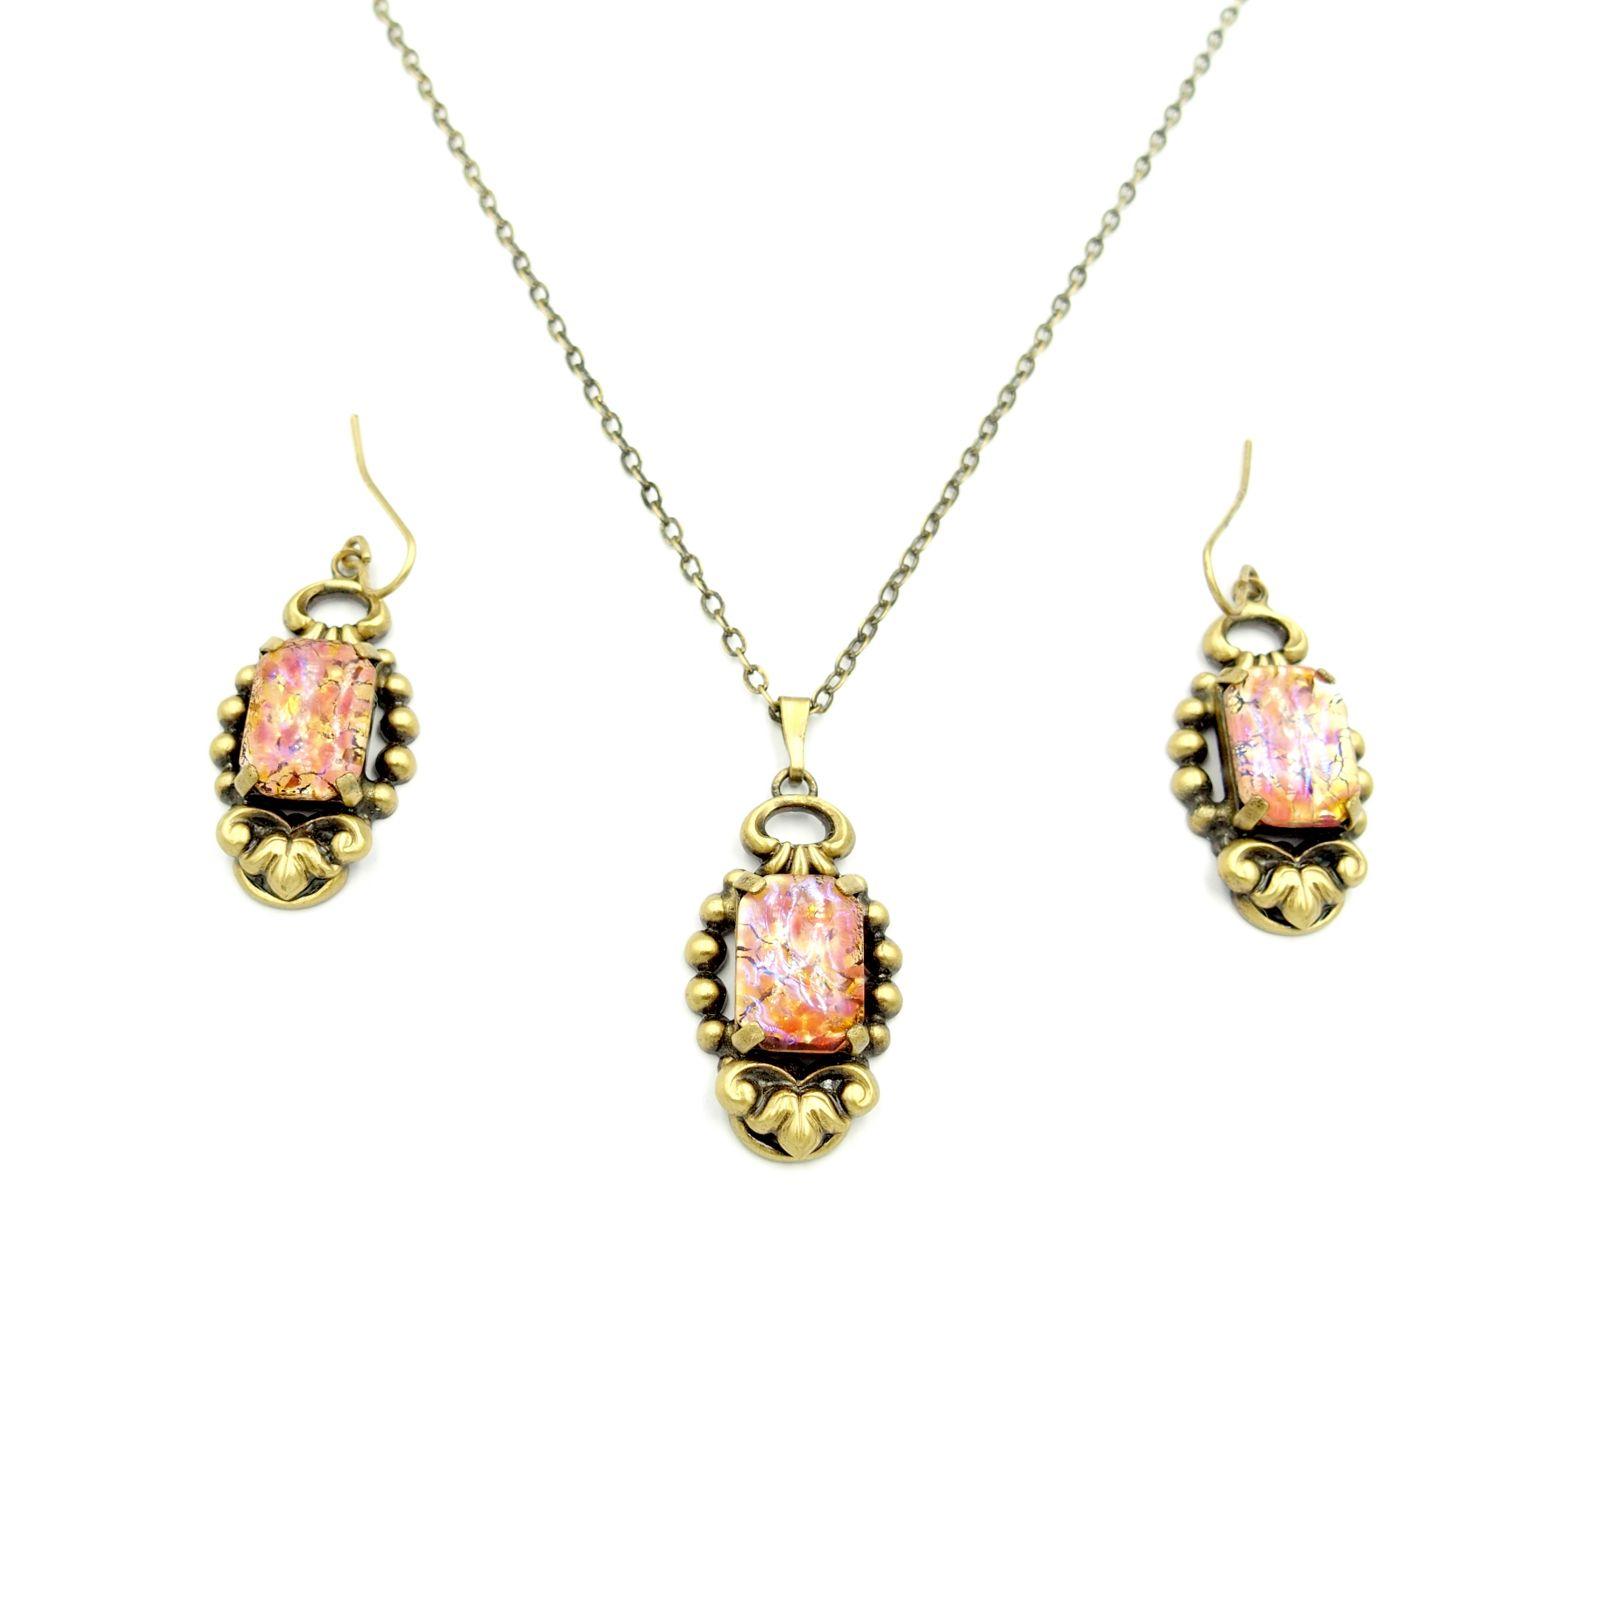 náhrdelník s přívěskem a naušnicemi (e)